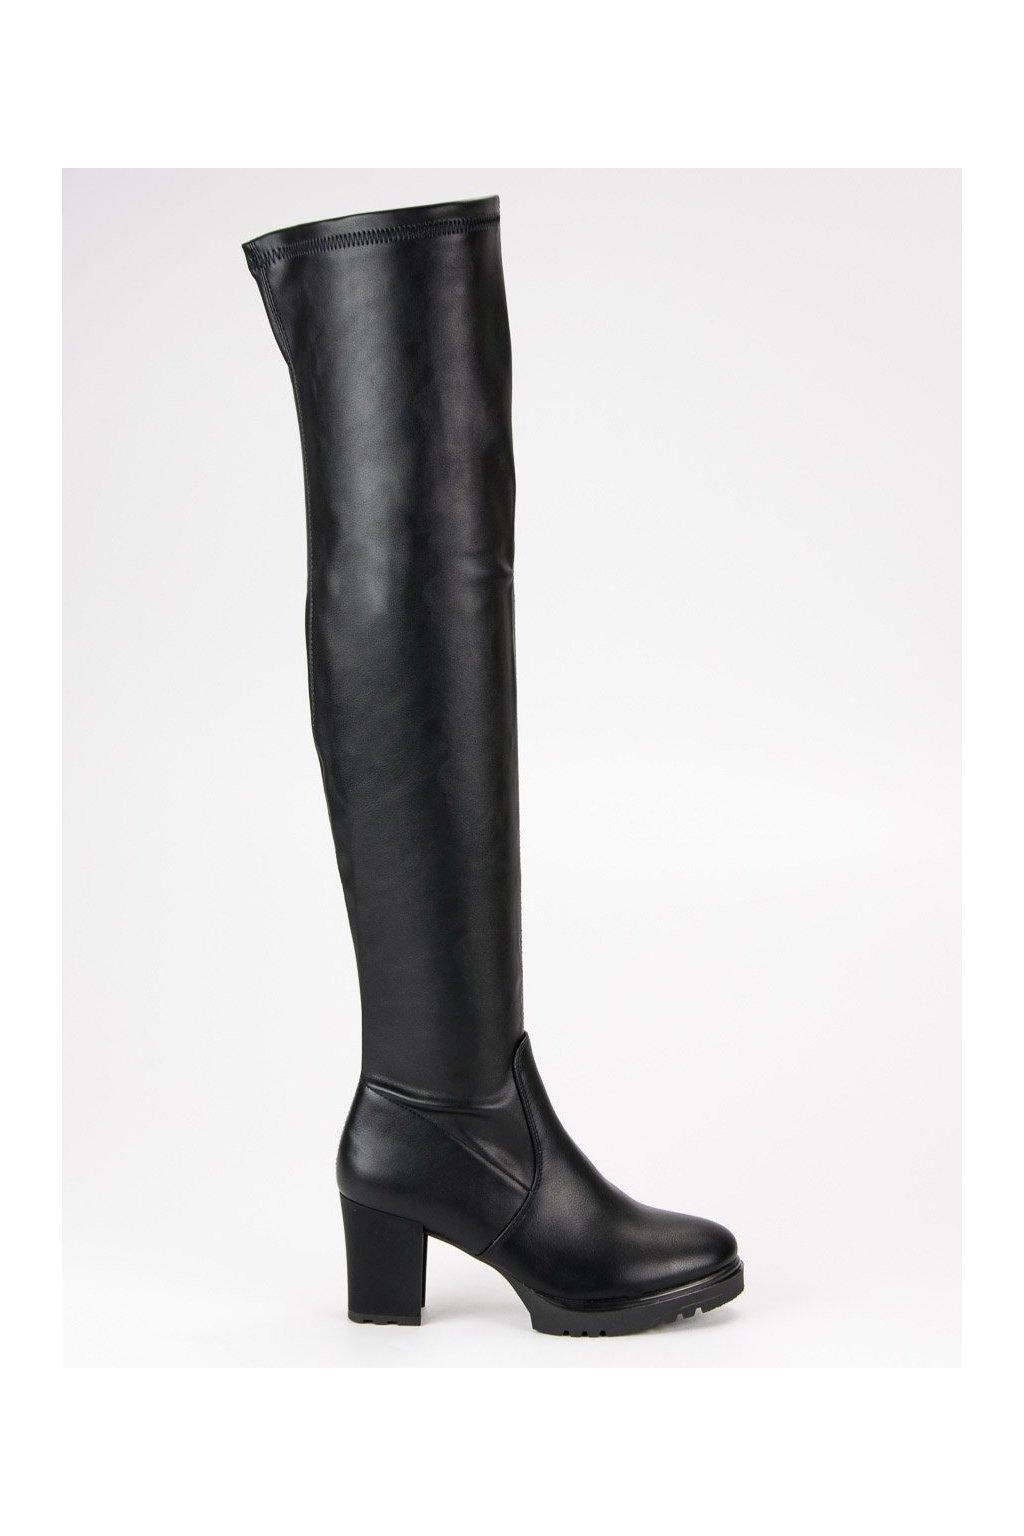 Čierne kozačky vysoké čižmy nad koleno na platforme CnB 6dd76460a04